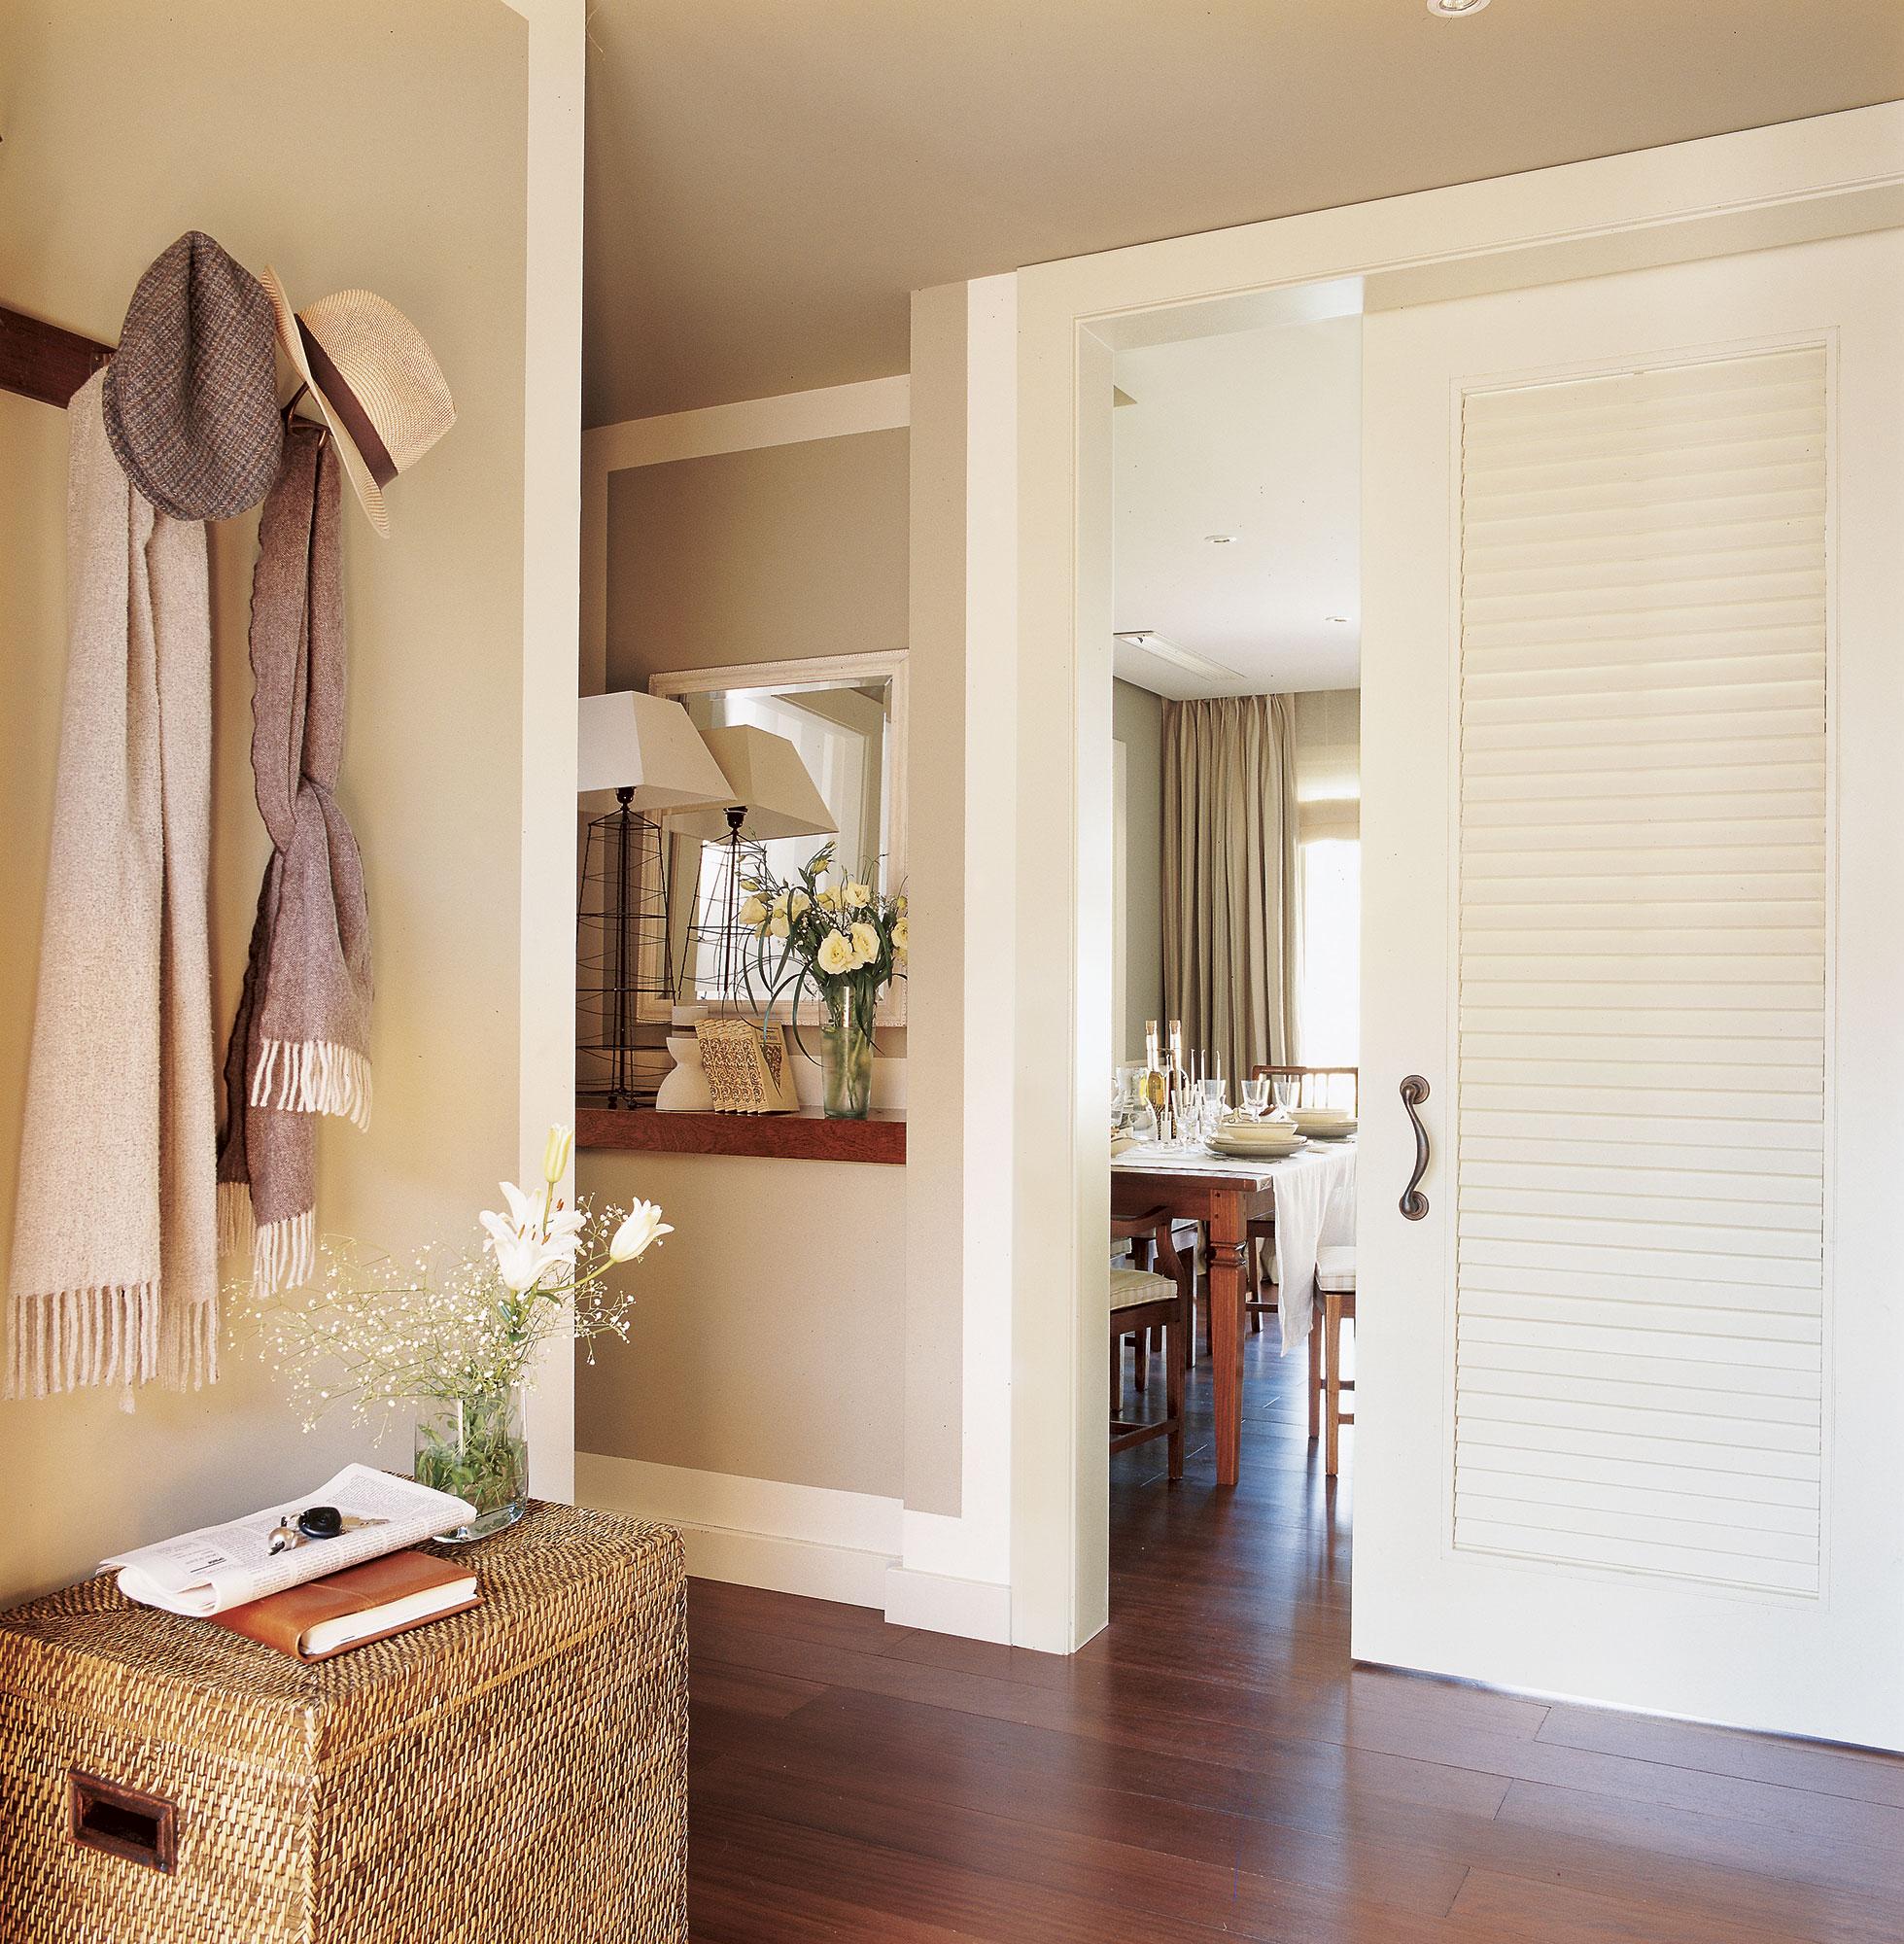 Instala una puerta corredera en casa y gana 1 5 m2 reales - Puertas de correderas ...